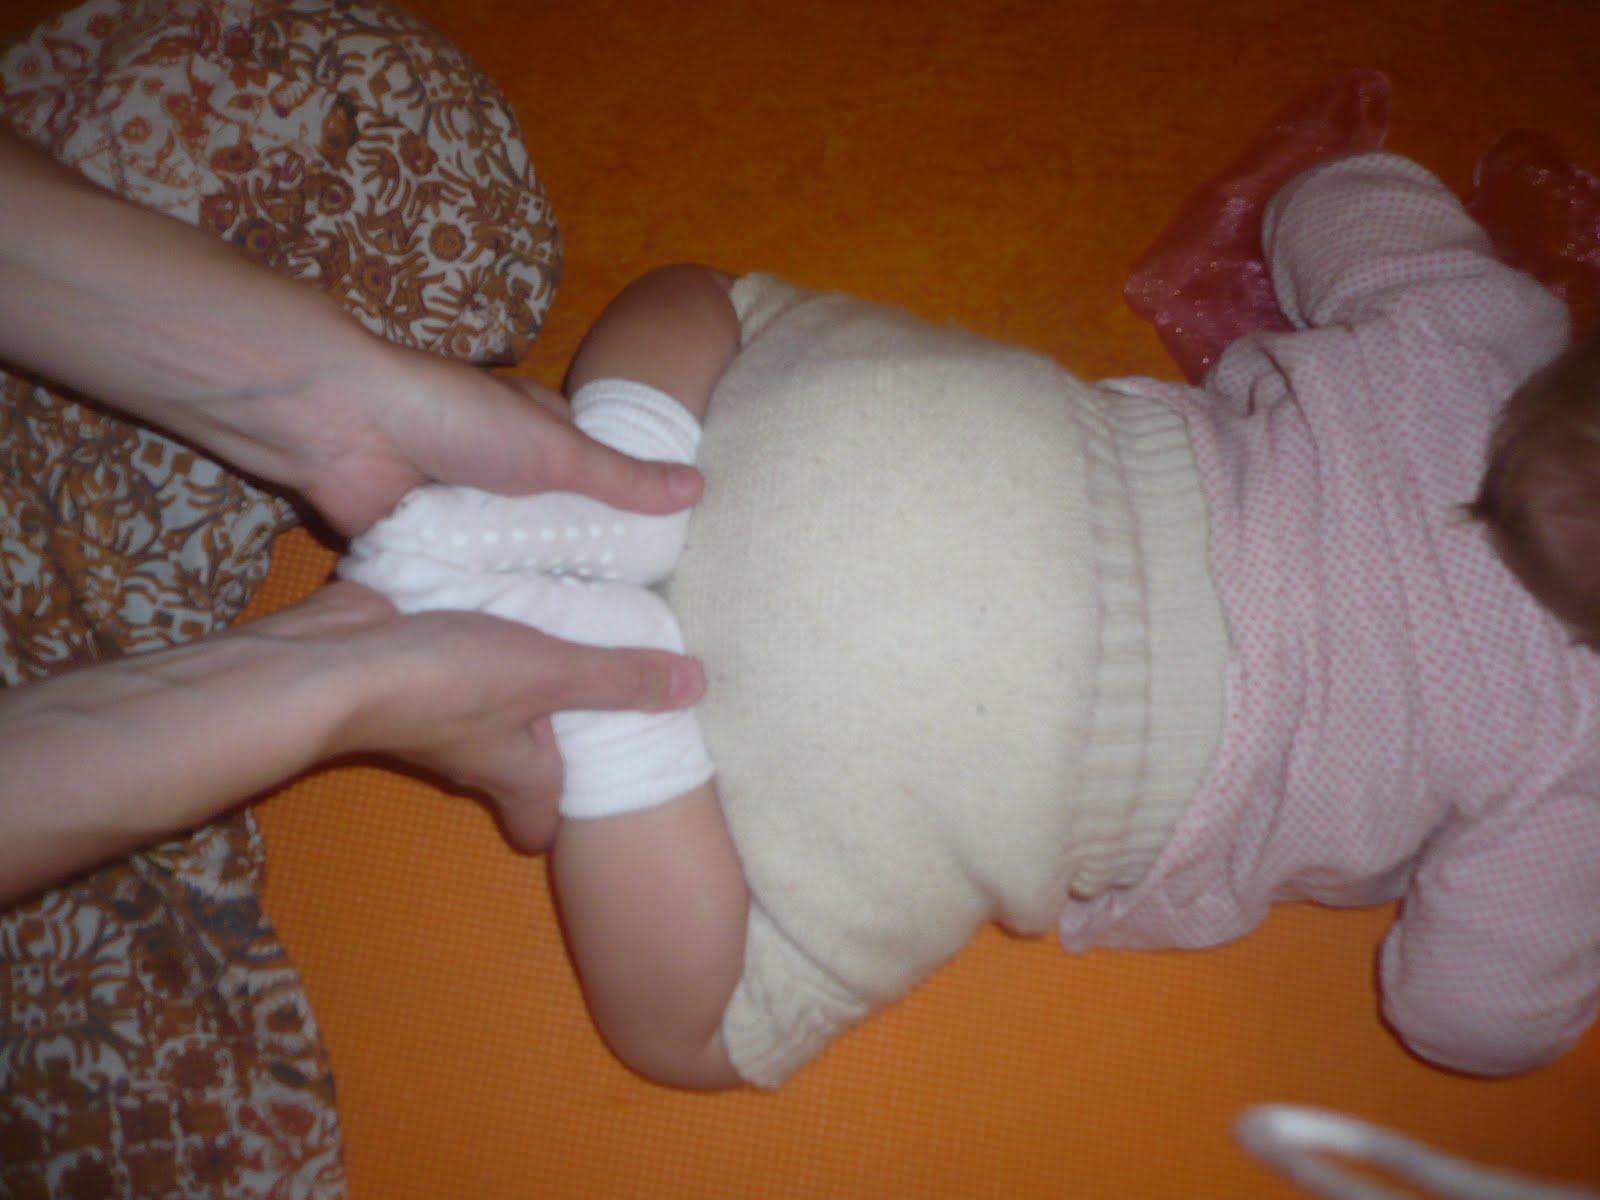 Нюхал мамины ноги